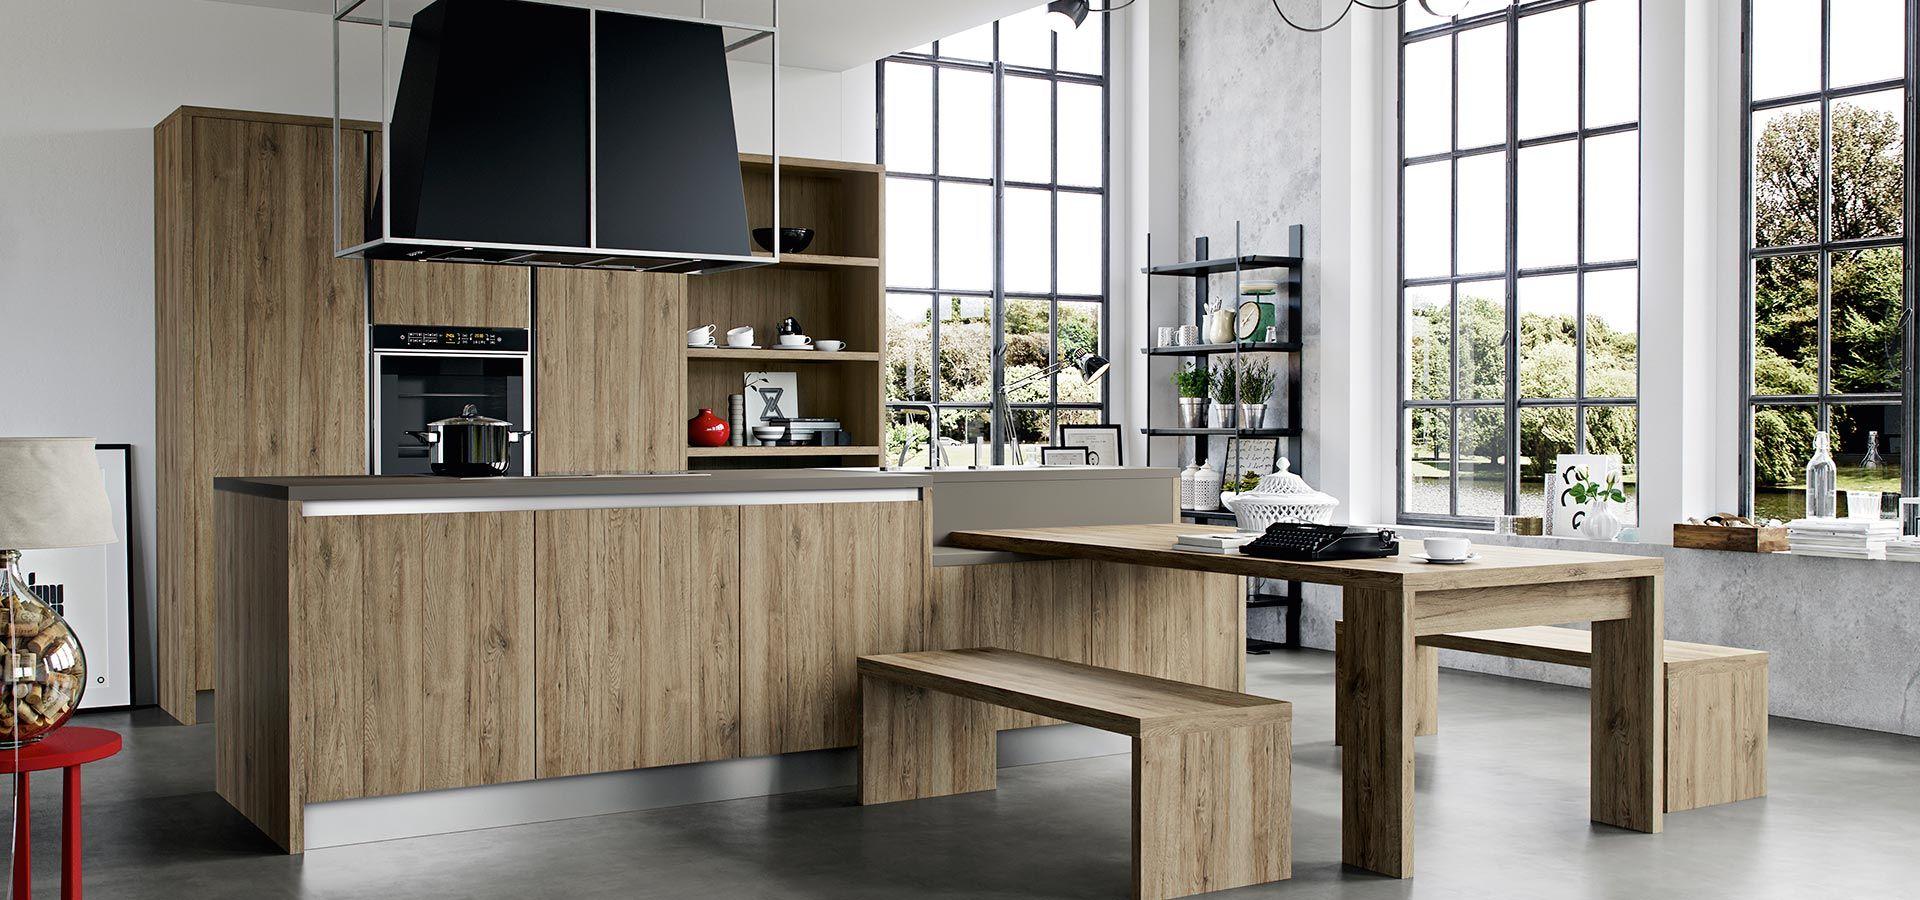 cucina moderna kal finitura rovere nordico piano in laminato fenix grigio londra maniglia